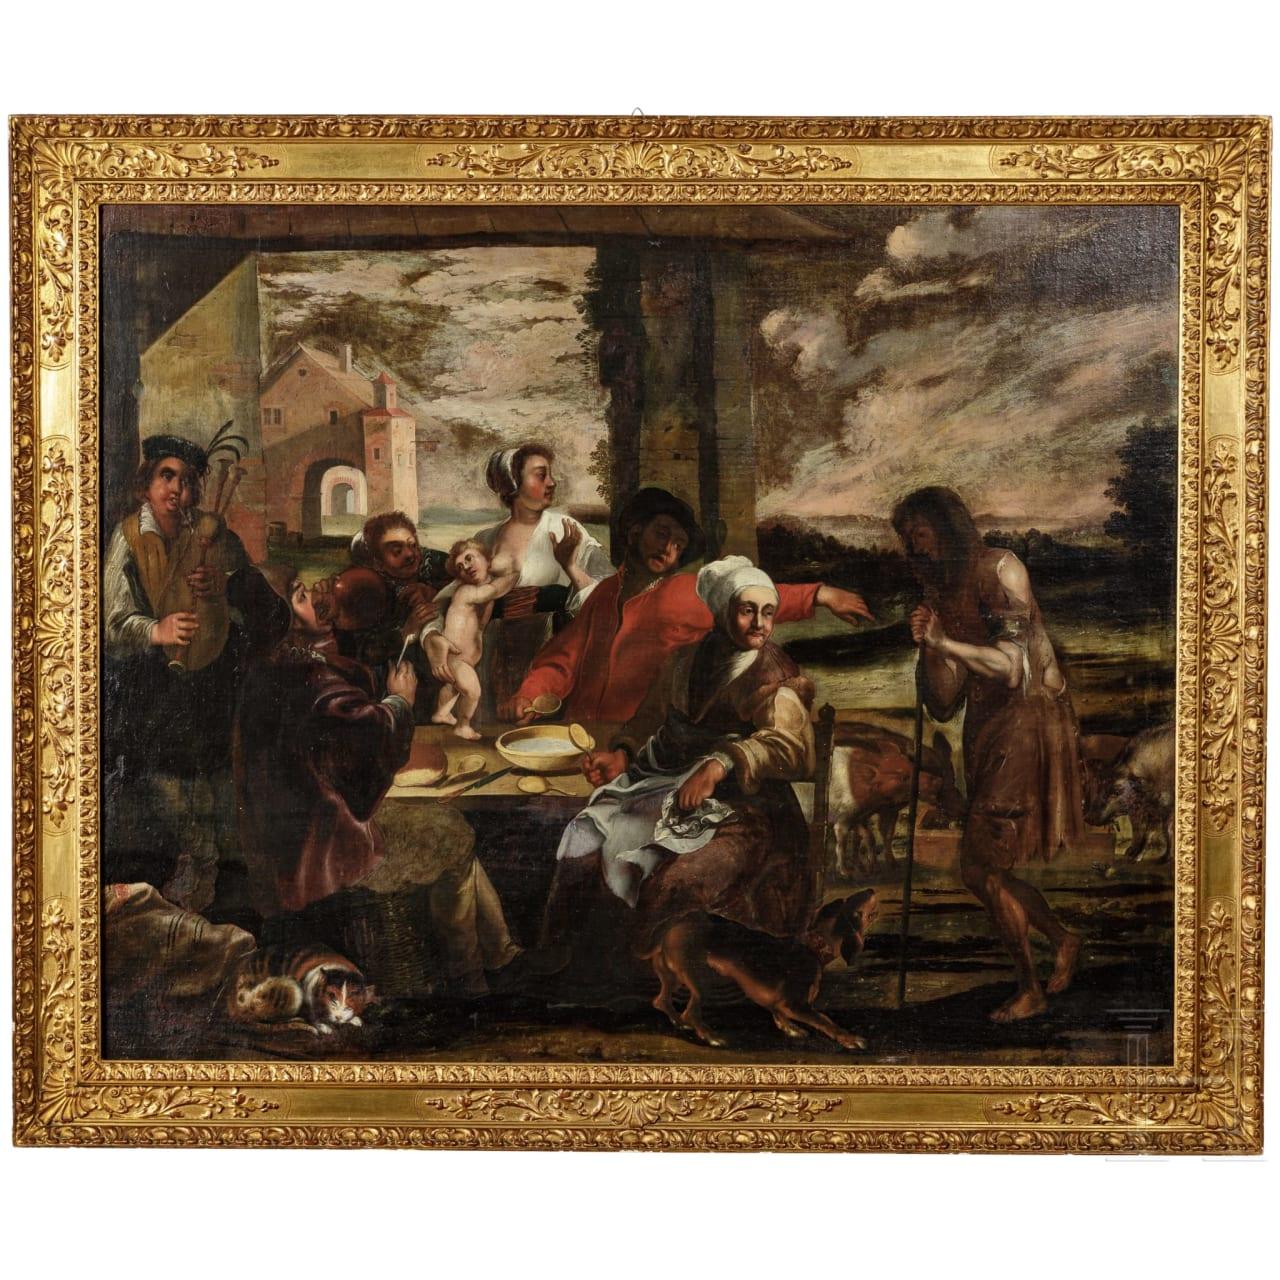 Großes Altmeister-Gemälde, Niederlande, 17. Jhdt.